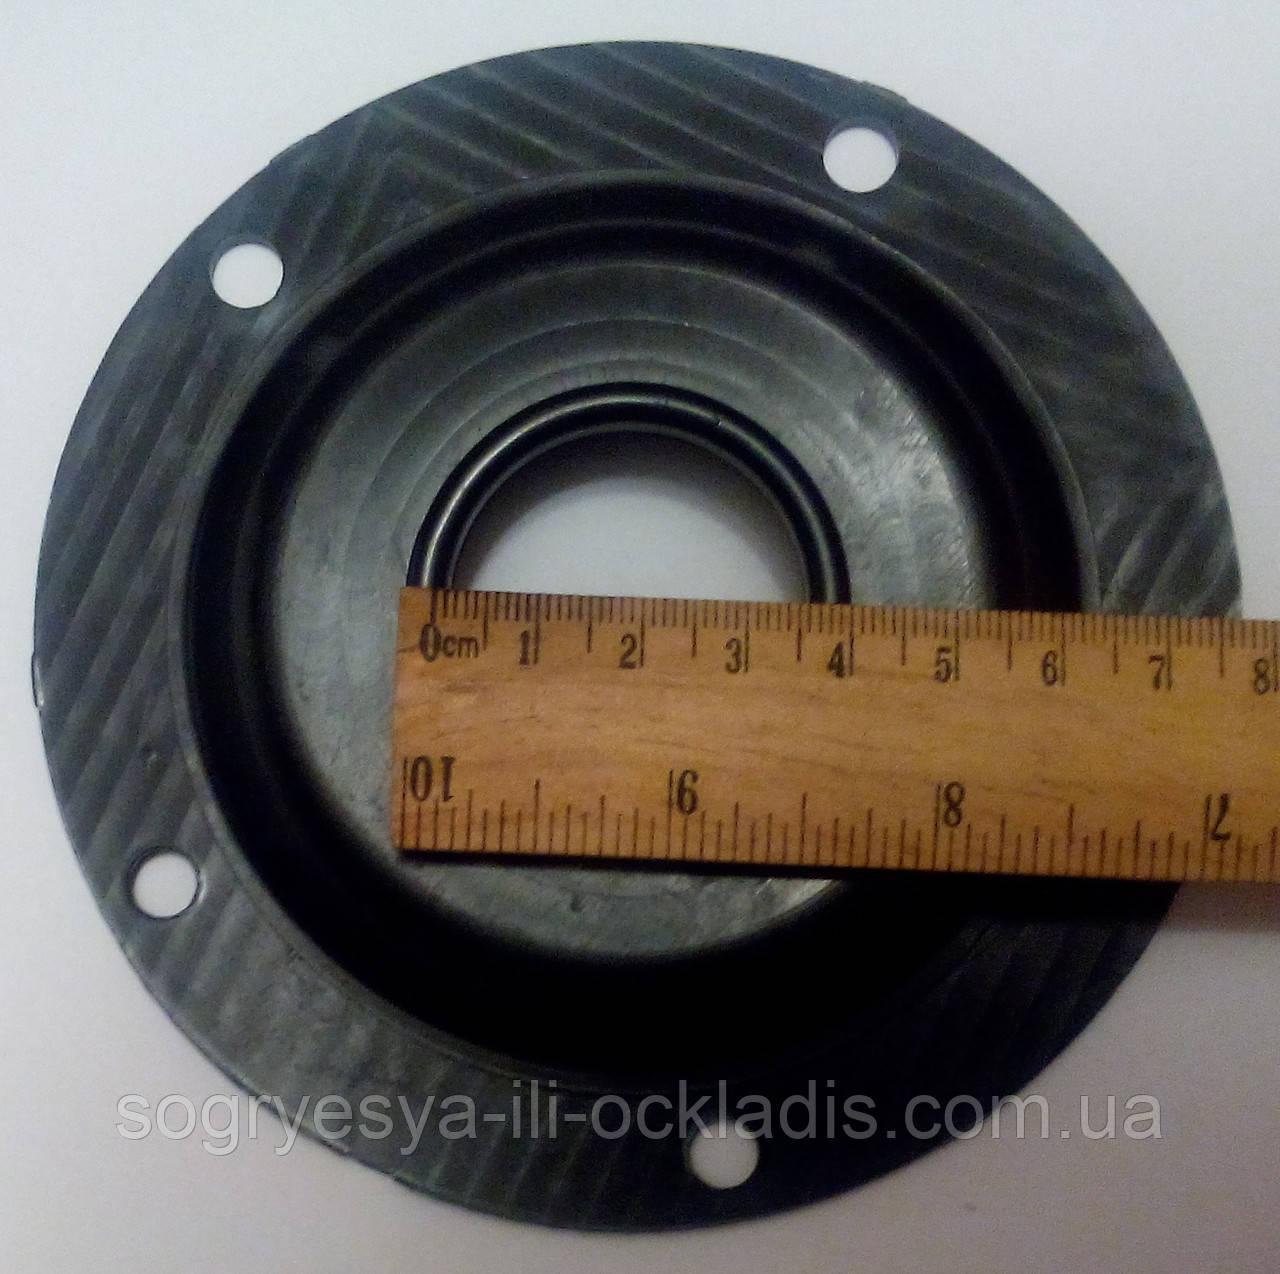 Прокладка для бойлера Thermex (Круглая, 5 болтов), 130 мм. код товара: 7135